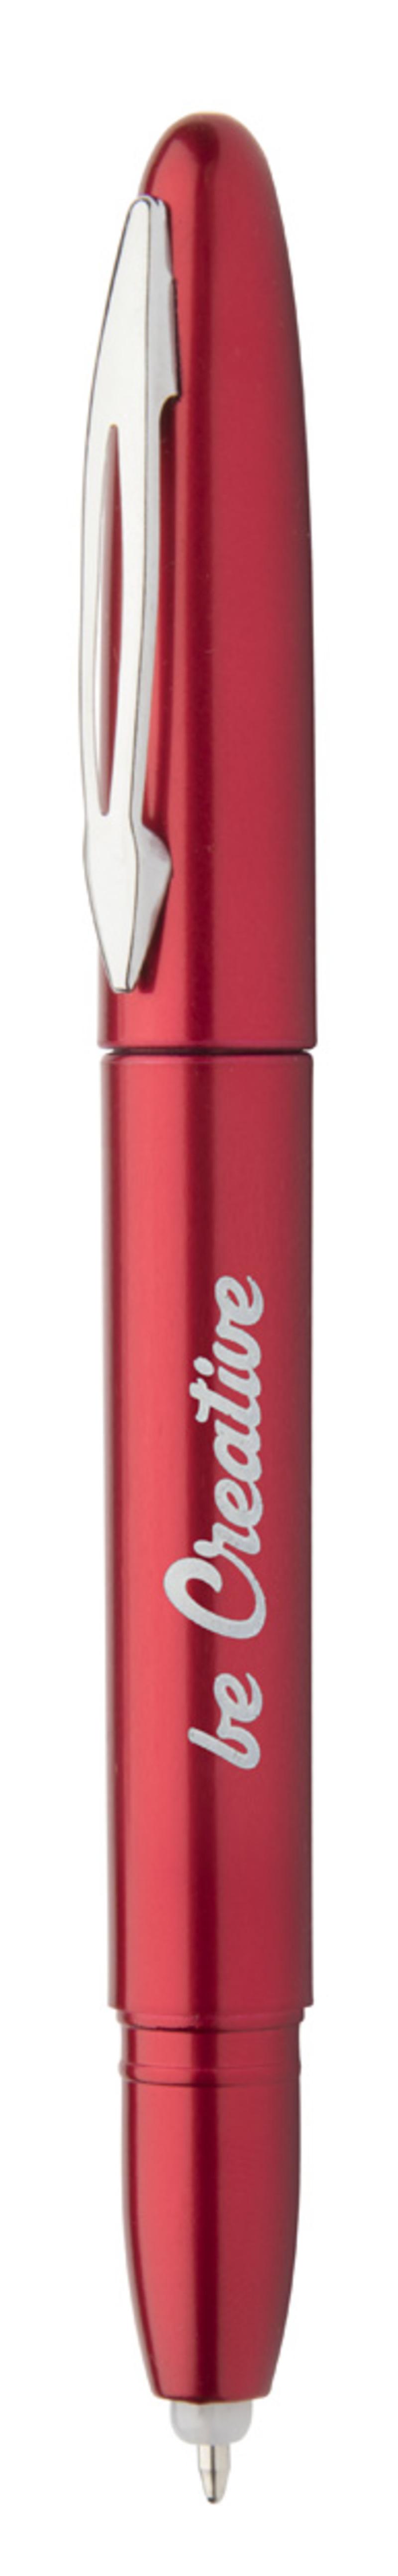 Renseix touch ballpoint pen